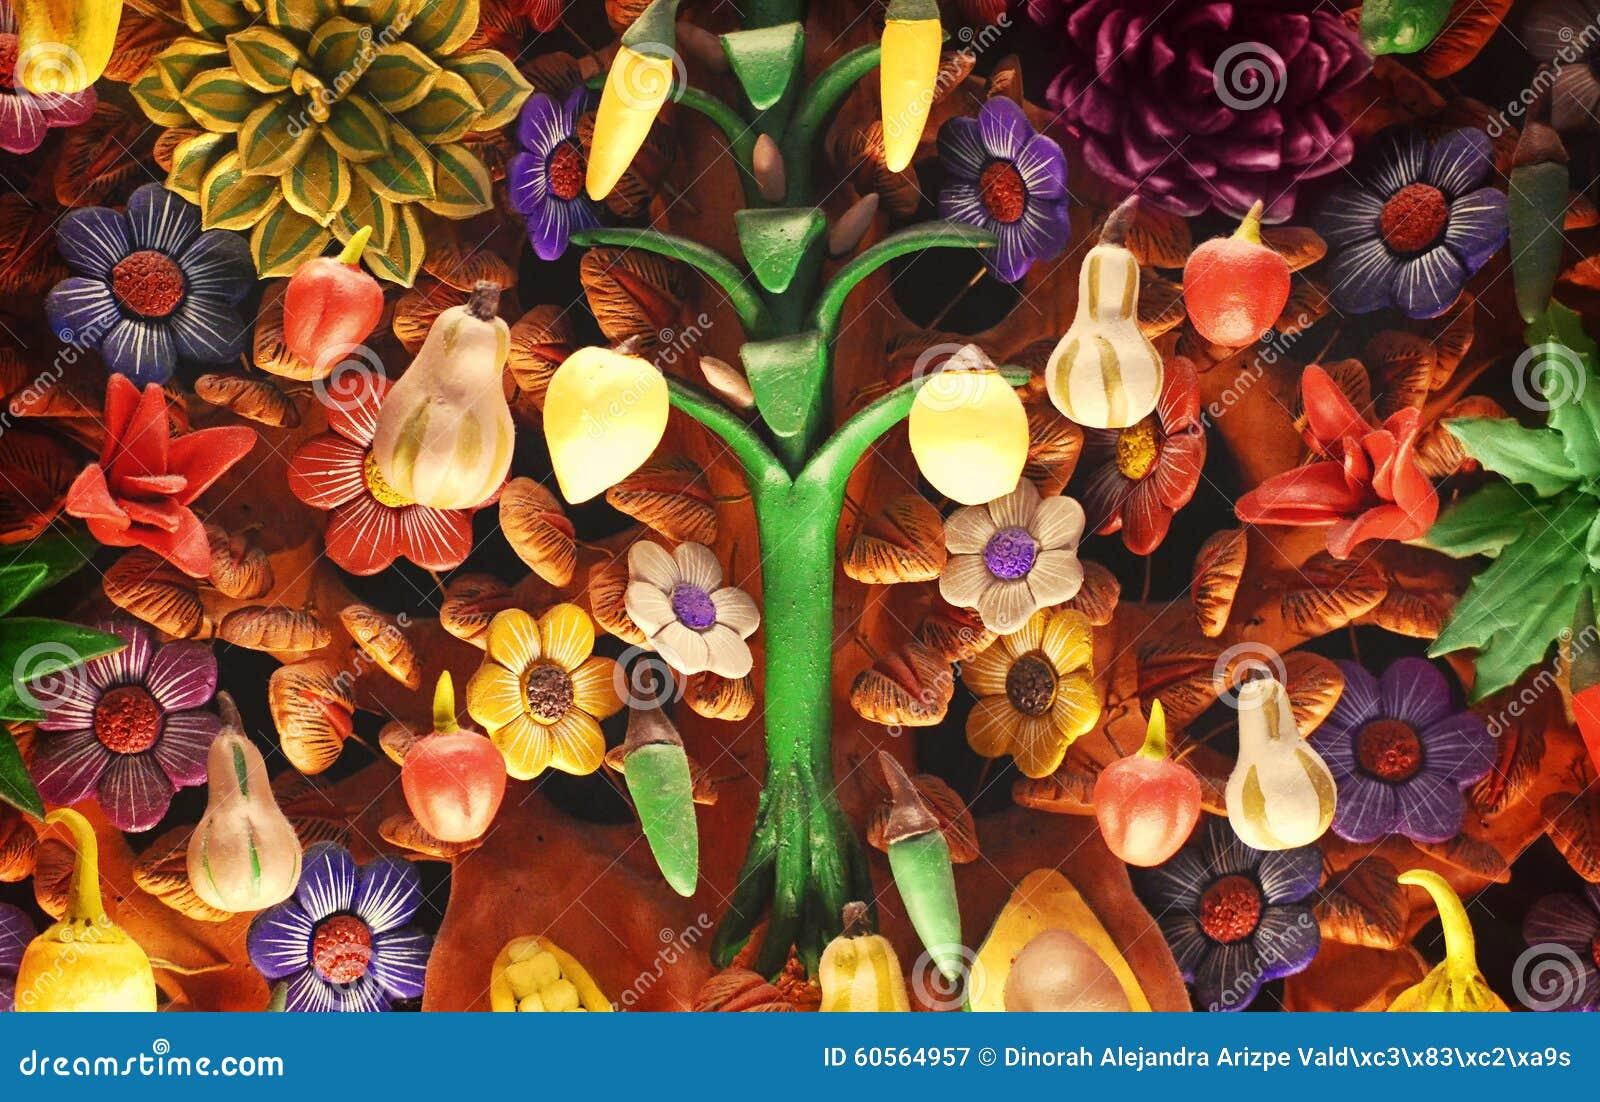 Μεξικάνικο δέντρο της ζωής